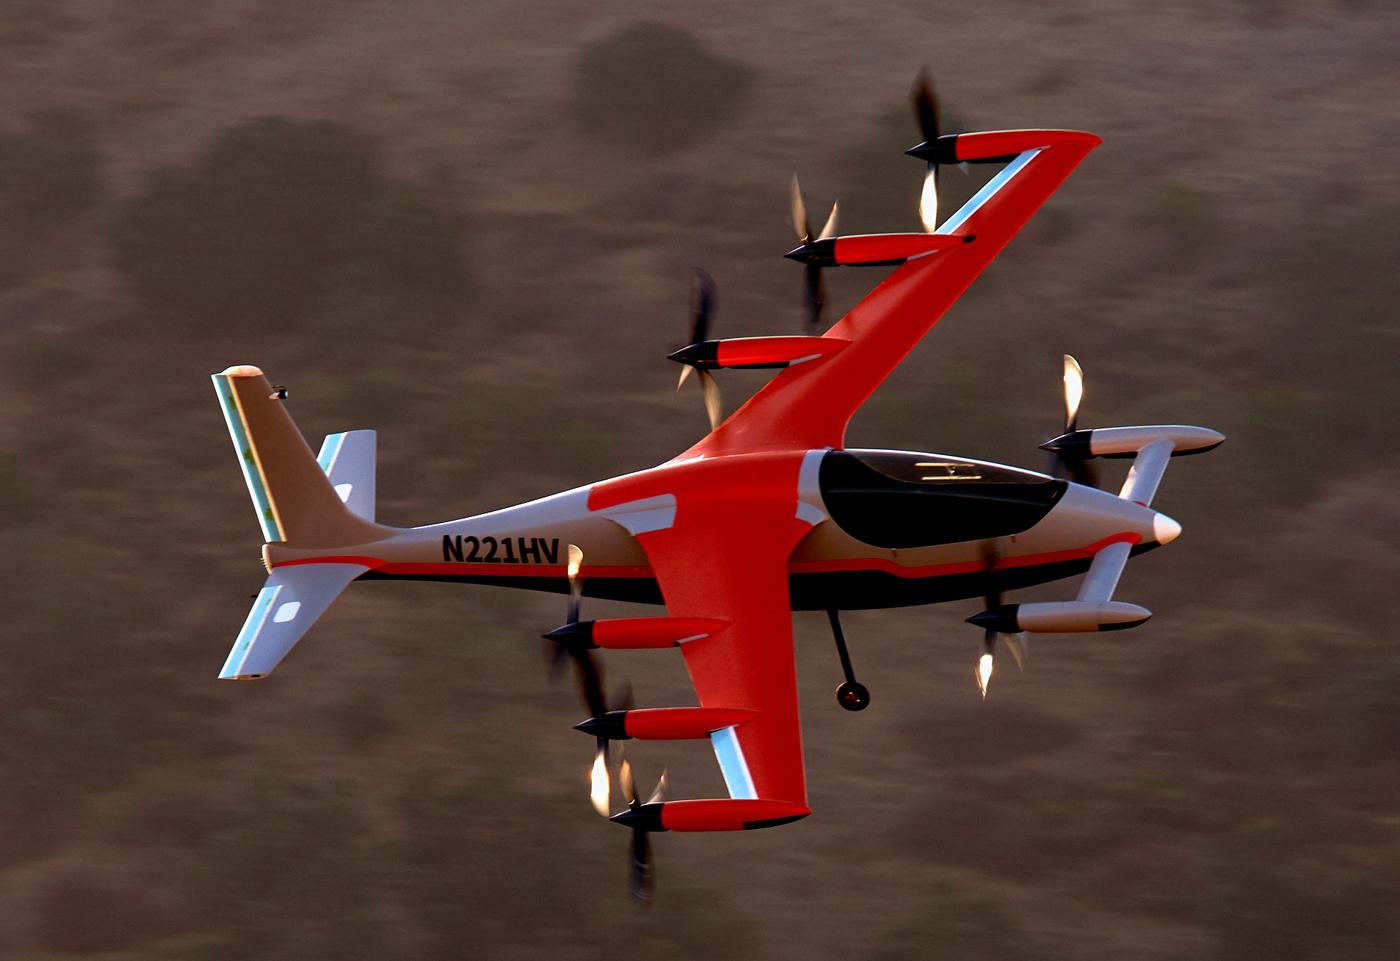 https://evtol.news/__media/Aircraft%20Directory%20Images/Kitty%20Hawk%20Heaviside/Kitty-Hawk-eVTOL-Heaviside-in-flight-USA-1.jpg